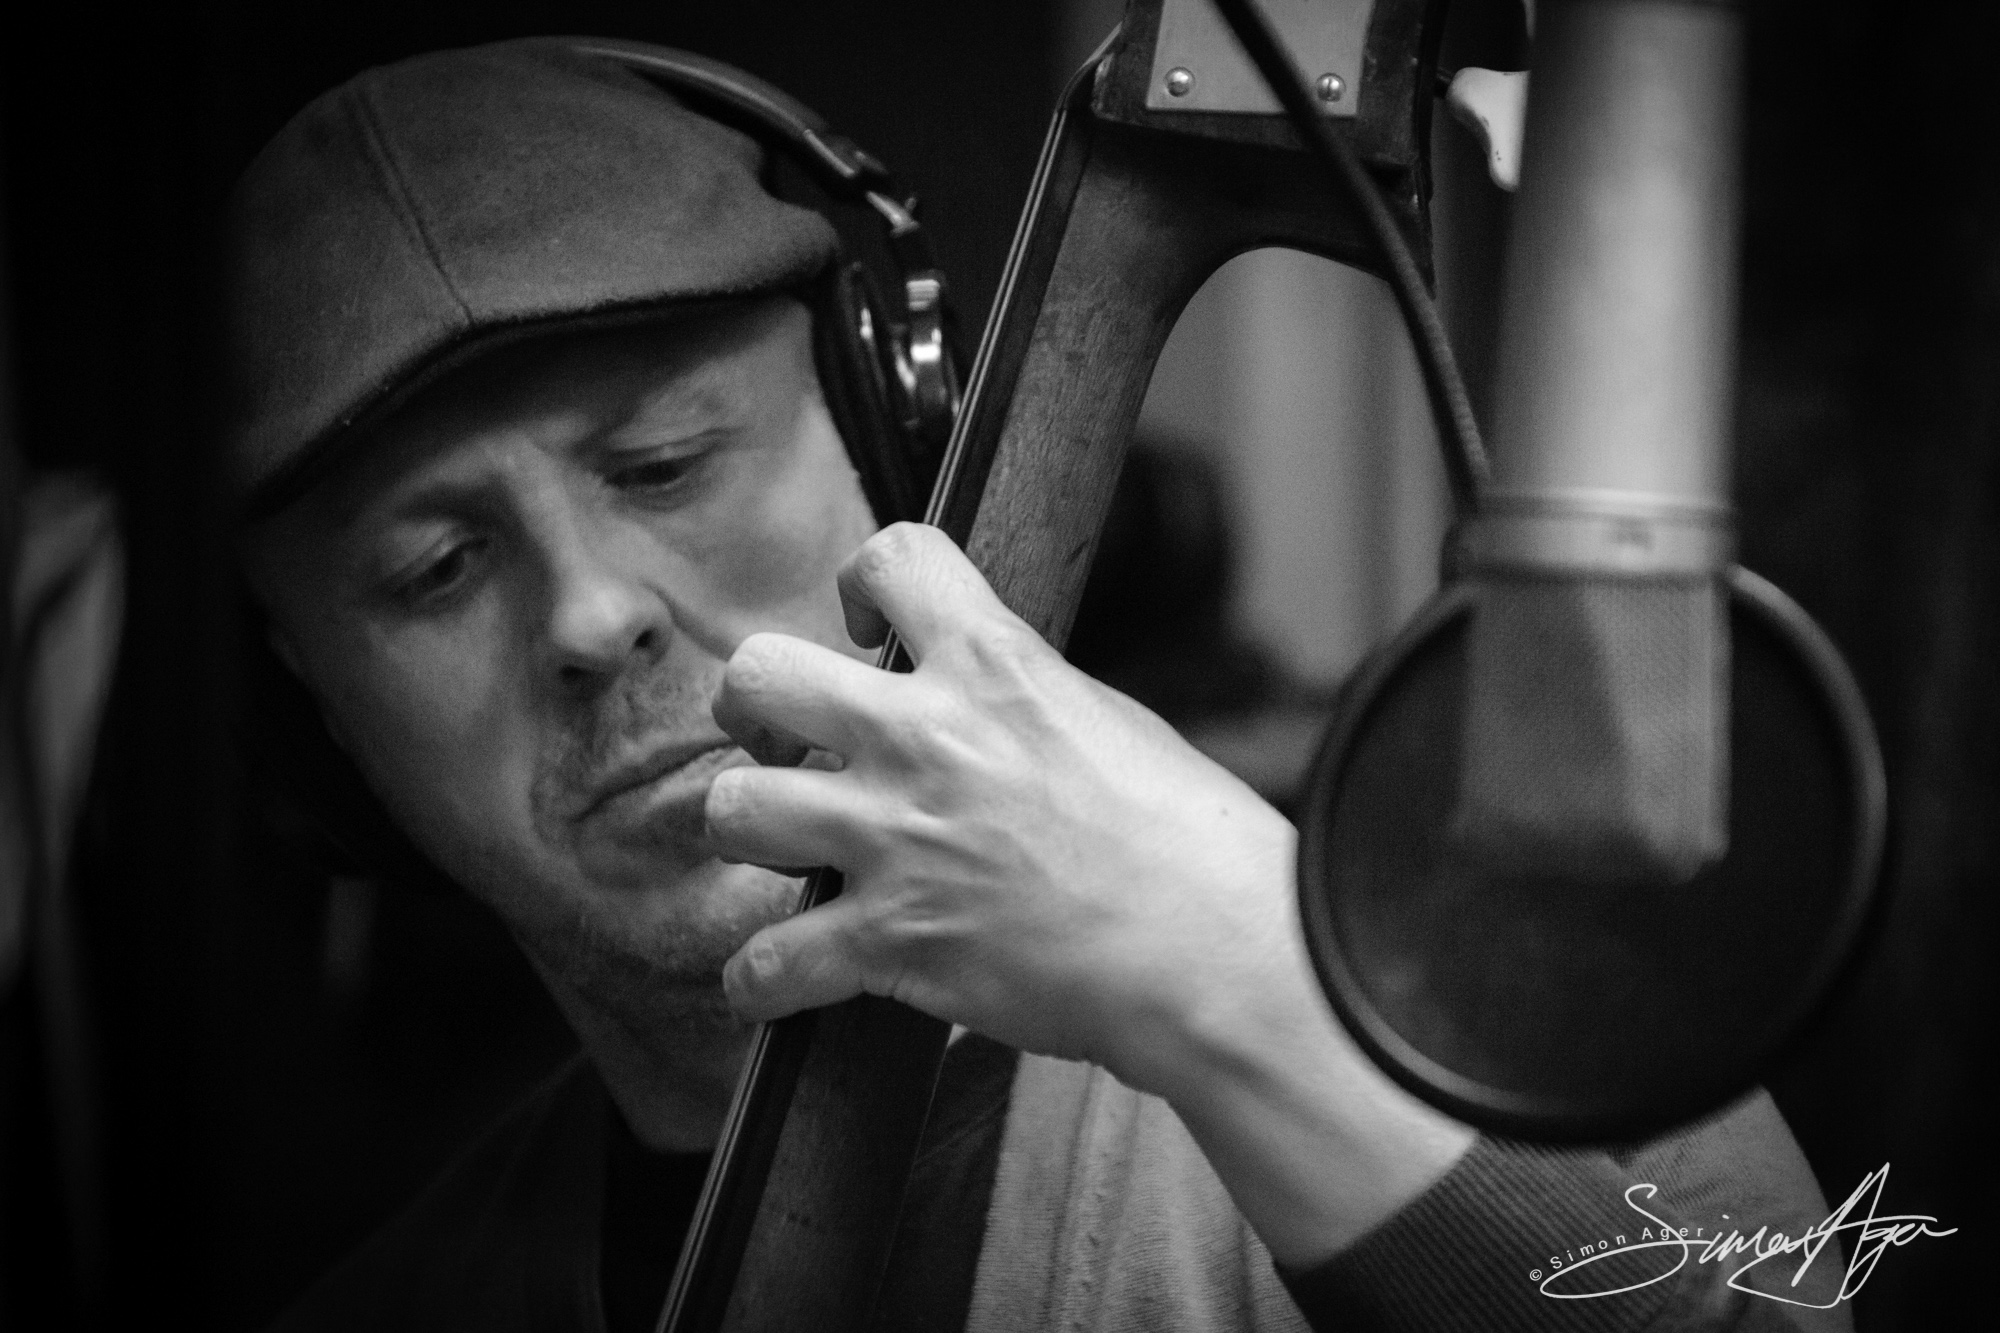 150508-SA-TLTSO-recording-at-Fish-Factory-Studio-NW-London-5956